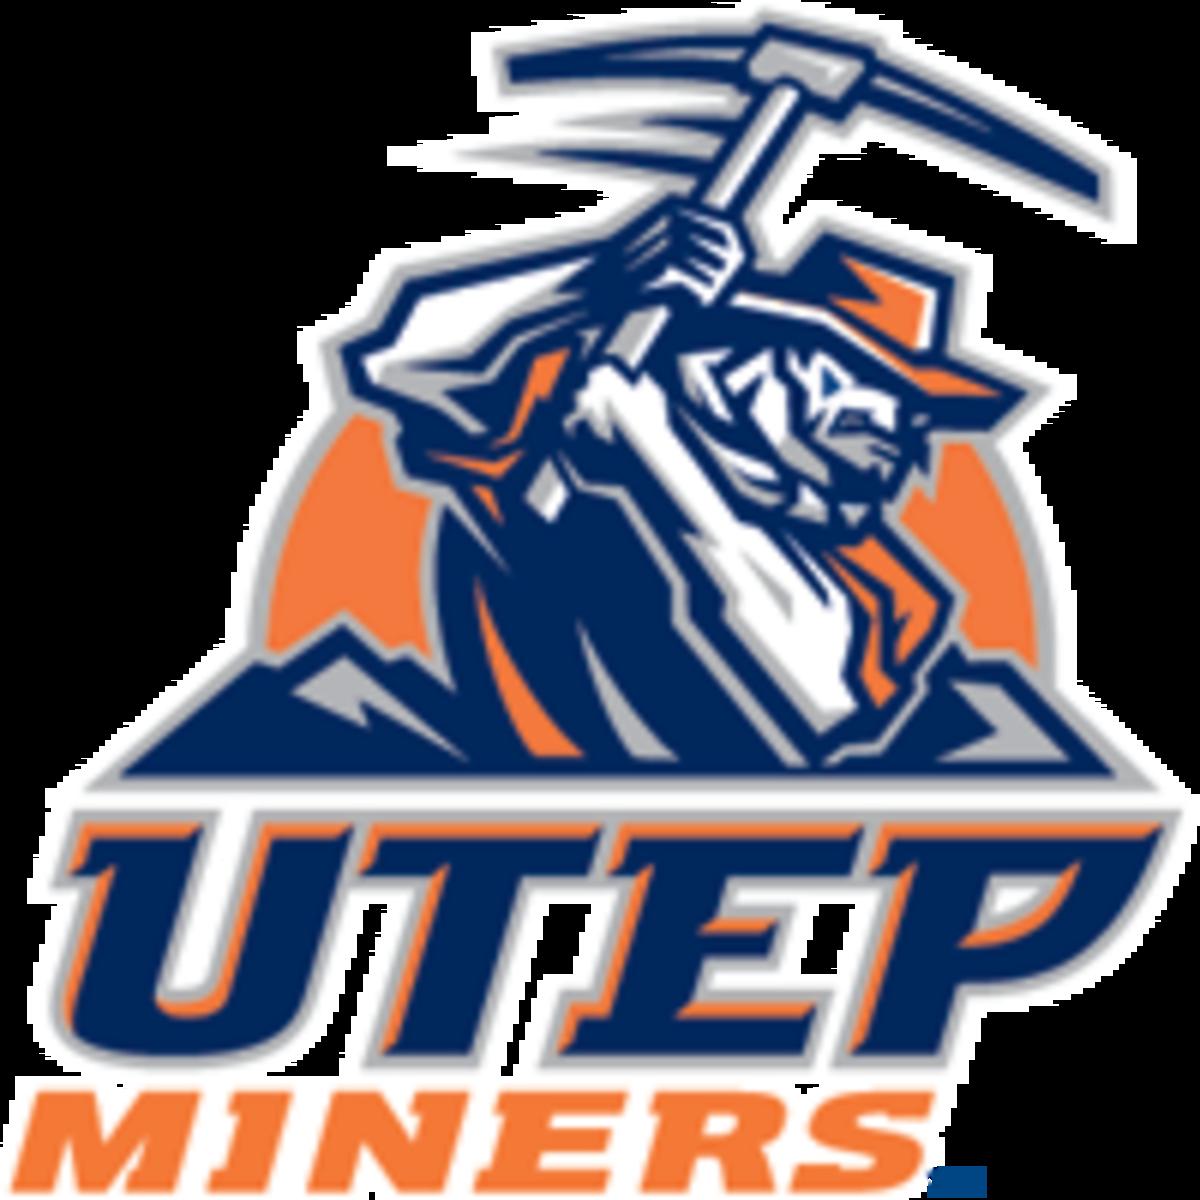 College Football Rankings: UTEP